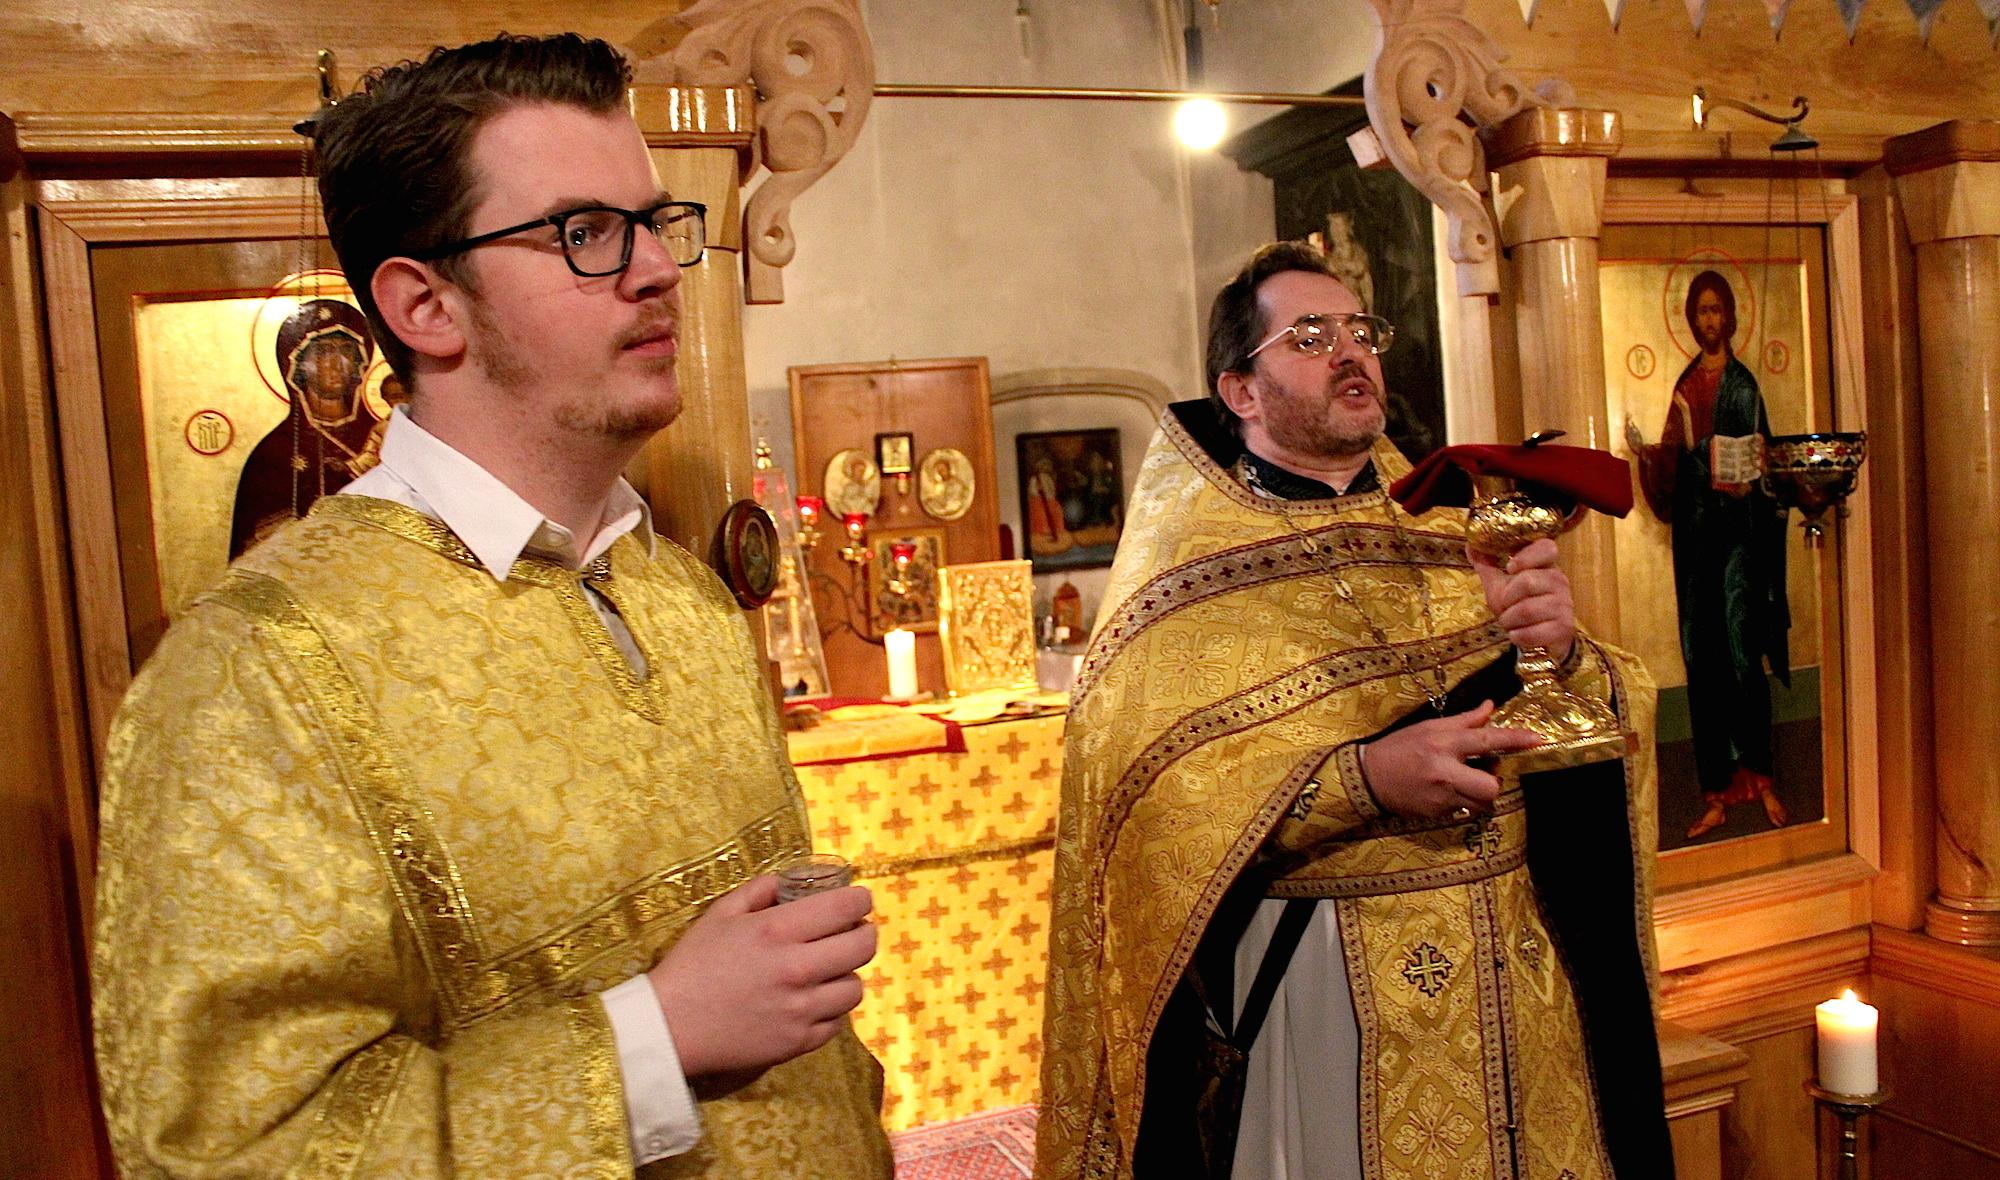 Божественная Литургия. Церковь равноапостольных Константина и Елены. Кёльн.